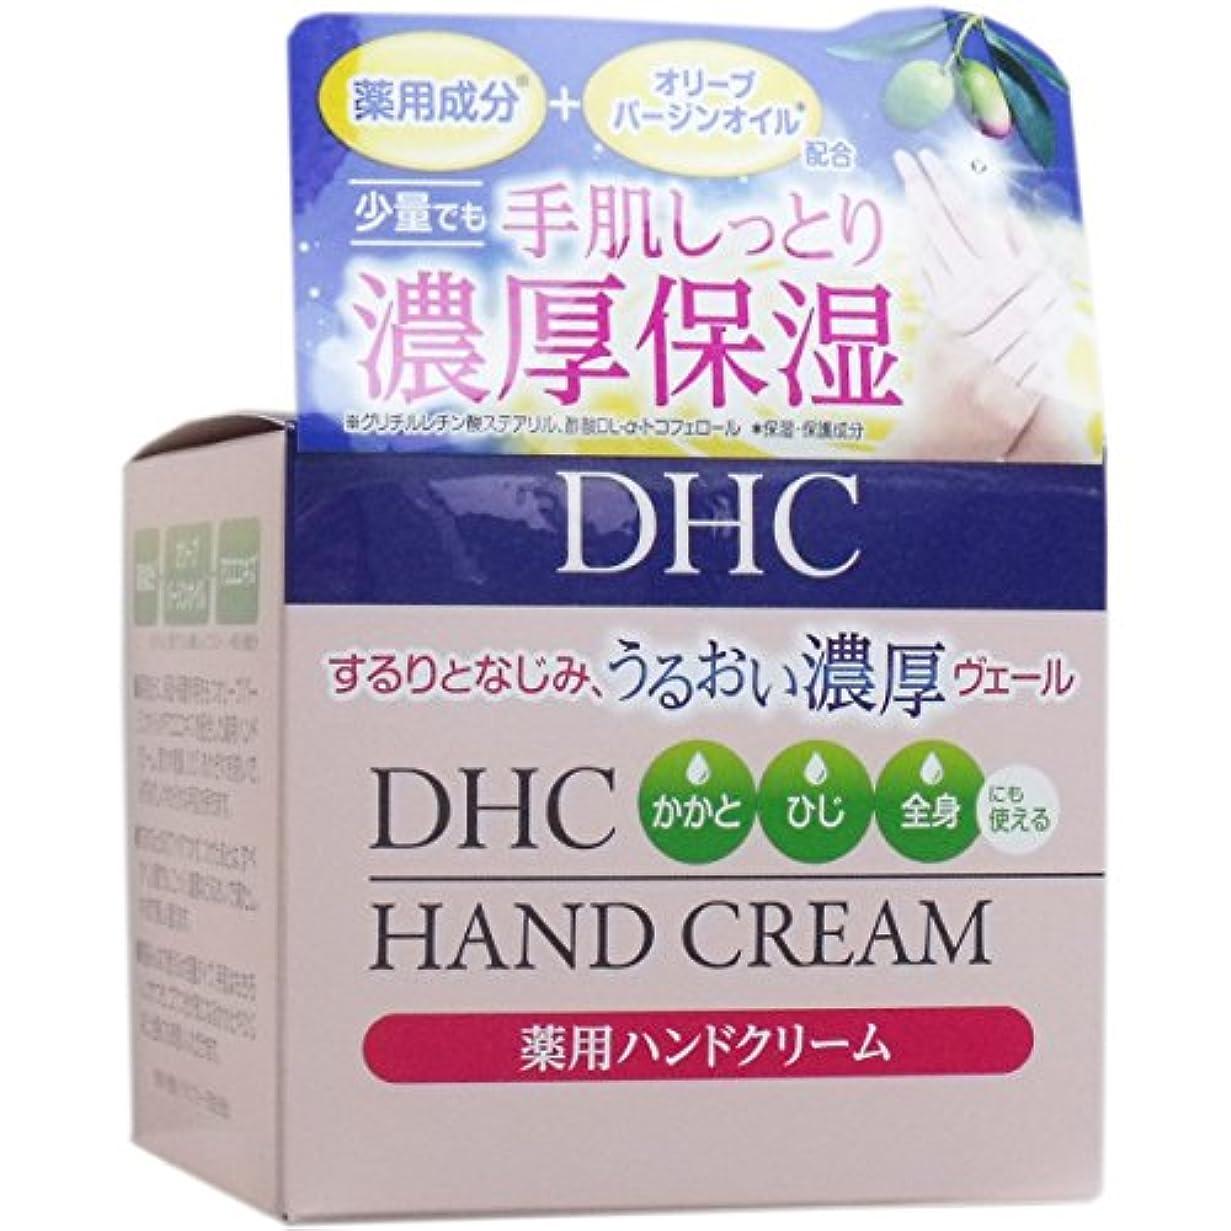 スカーフファンド権限[2月25日まで特価]DHC 薬用 ハンドクリーム 120g×20個セット